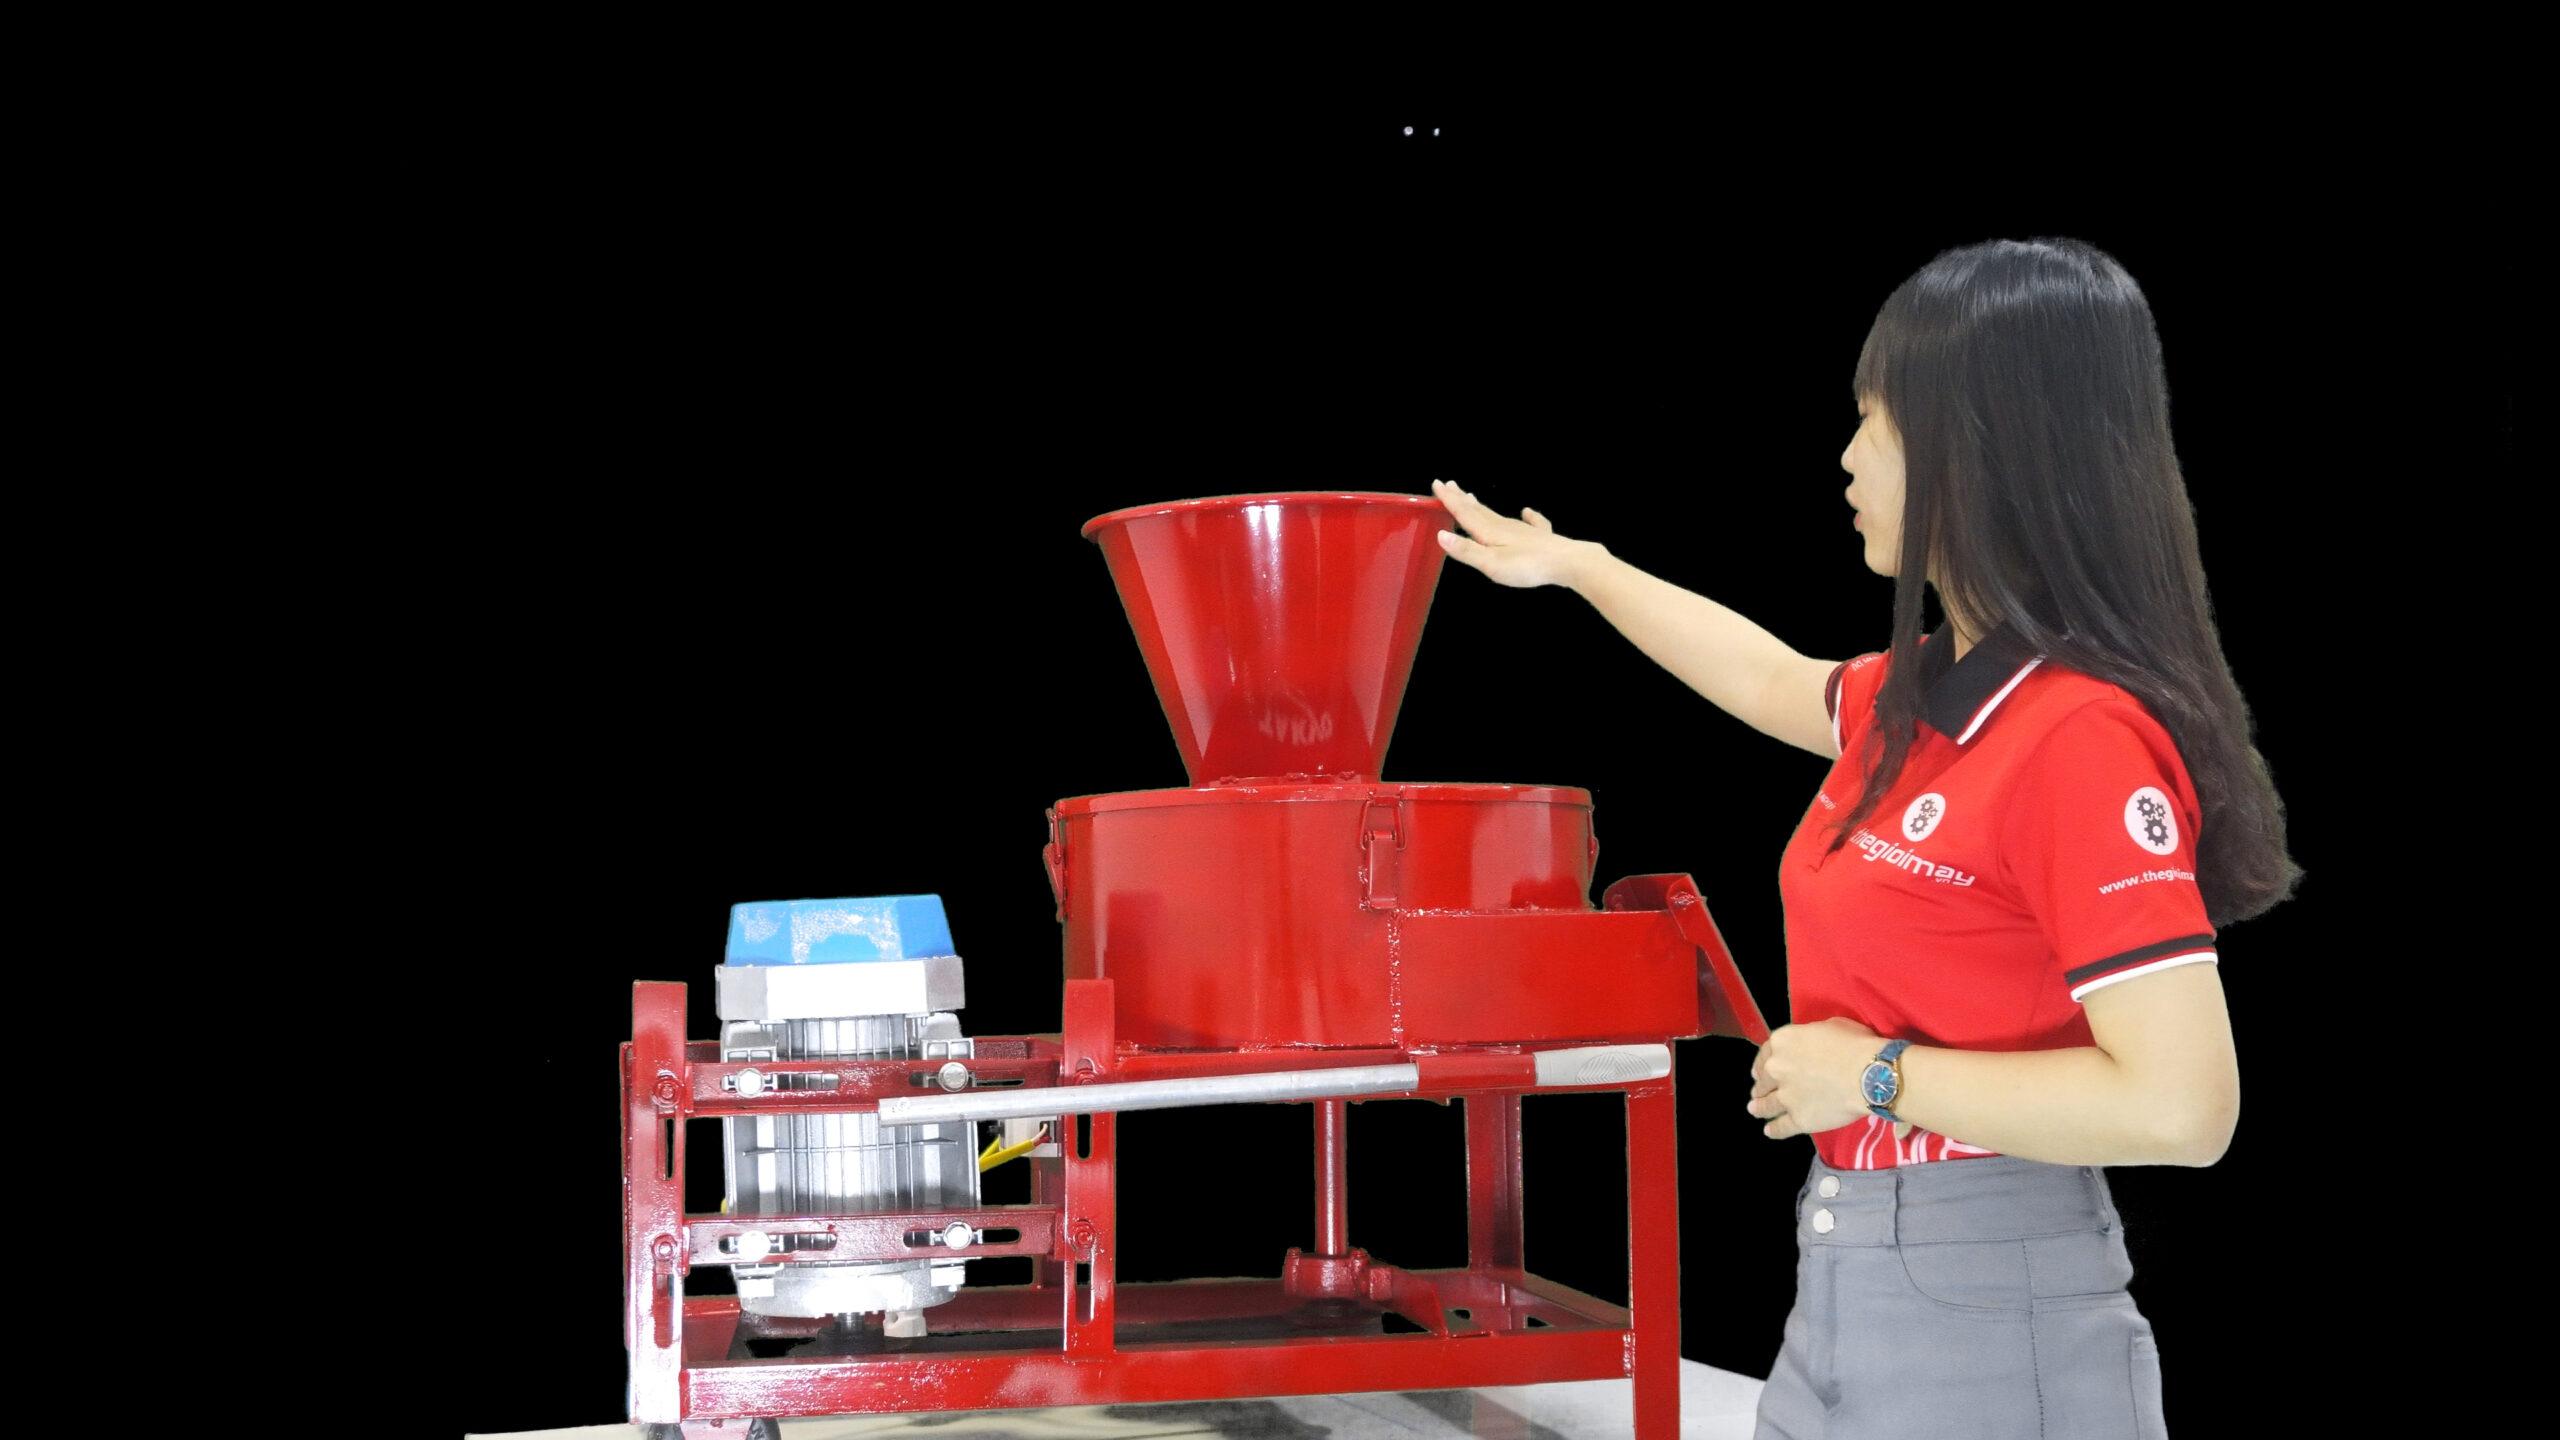 Máy băm chuối Takyo TK 3000 TẠI BẠC LIÊU, dòng máy băm thái chuối tốt nhất để băm thái thức ăn cho gia súc gia cầm